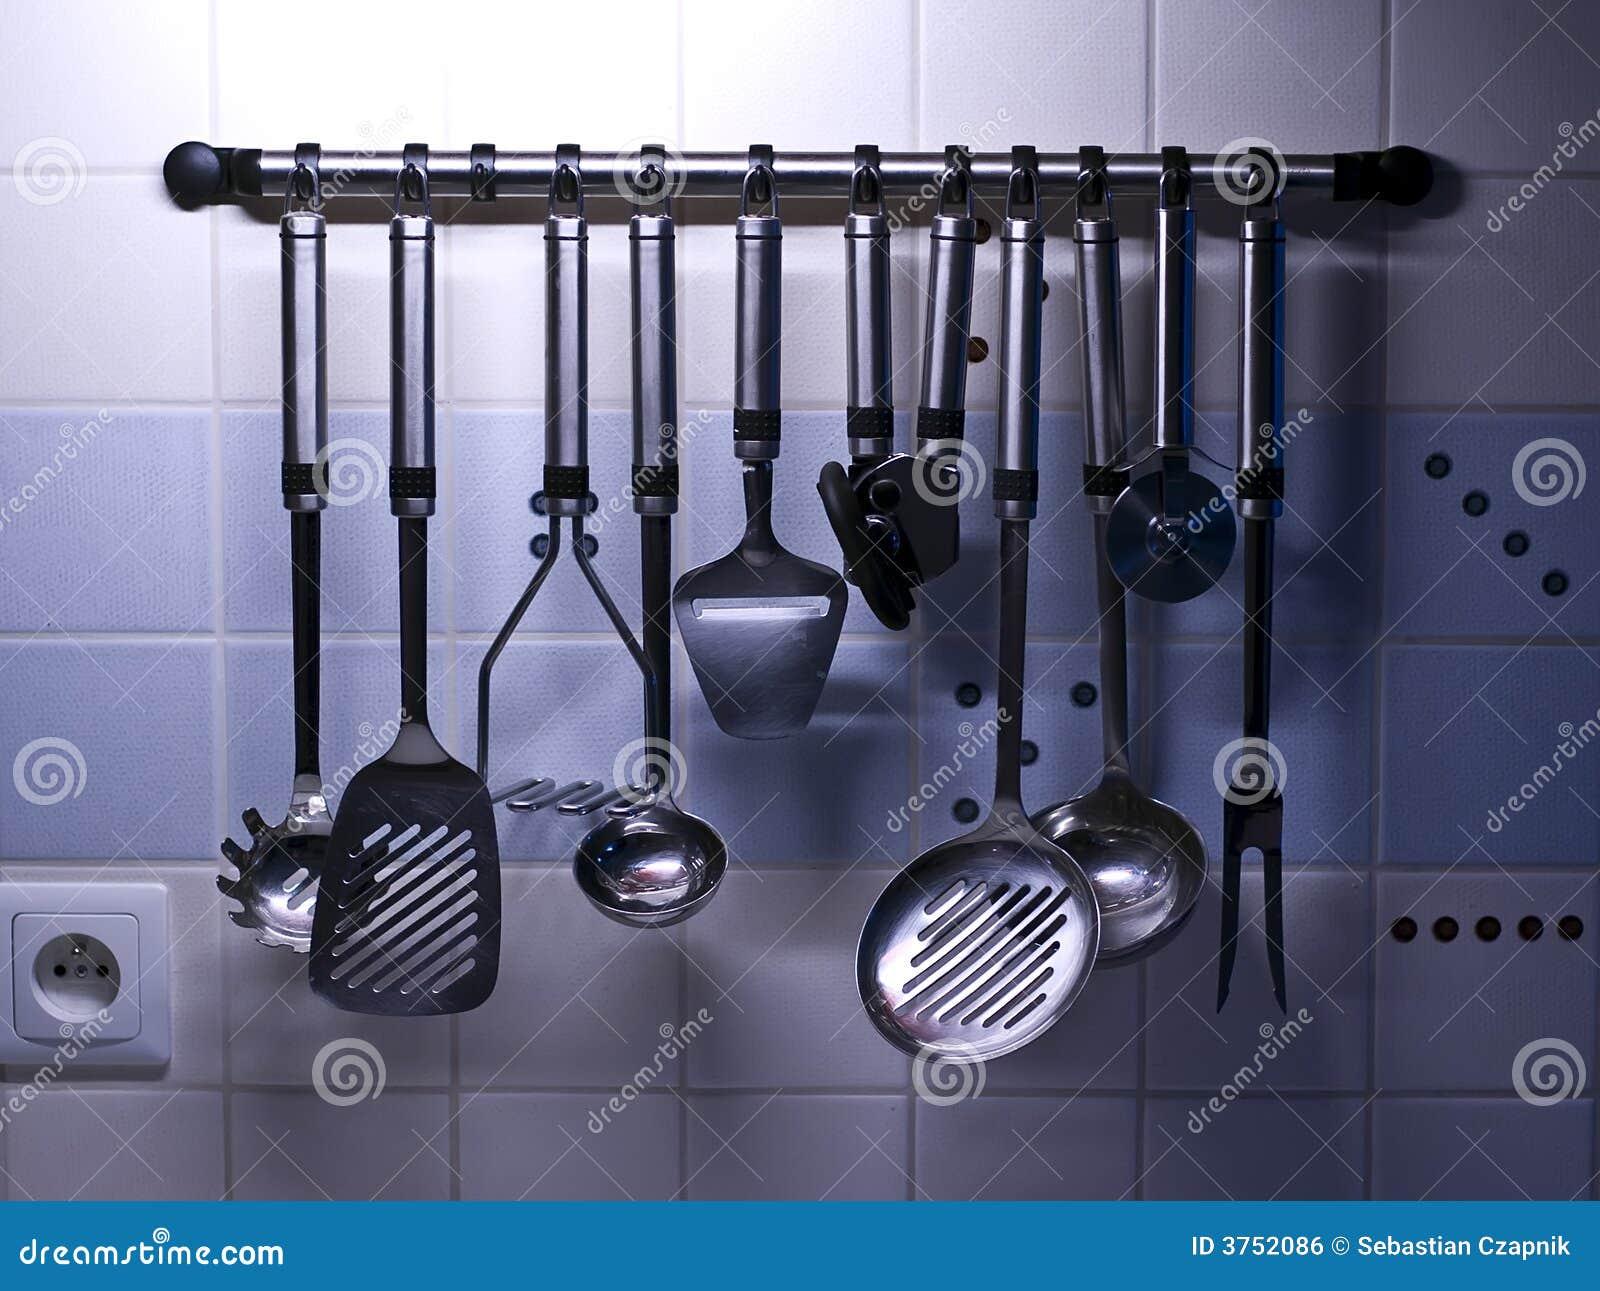 Ustensiles De Cuisine Image Libre De Droits Image 3752086